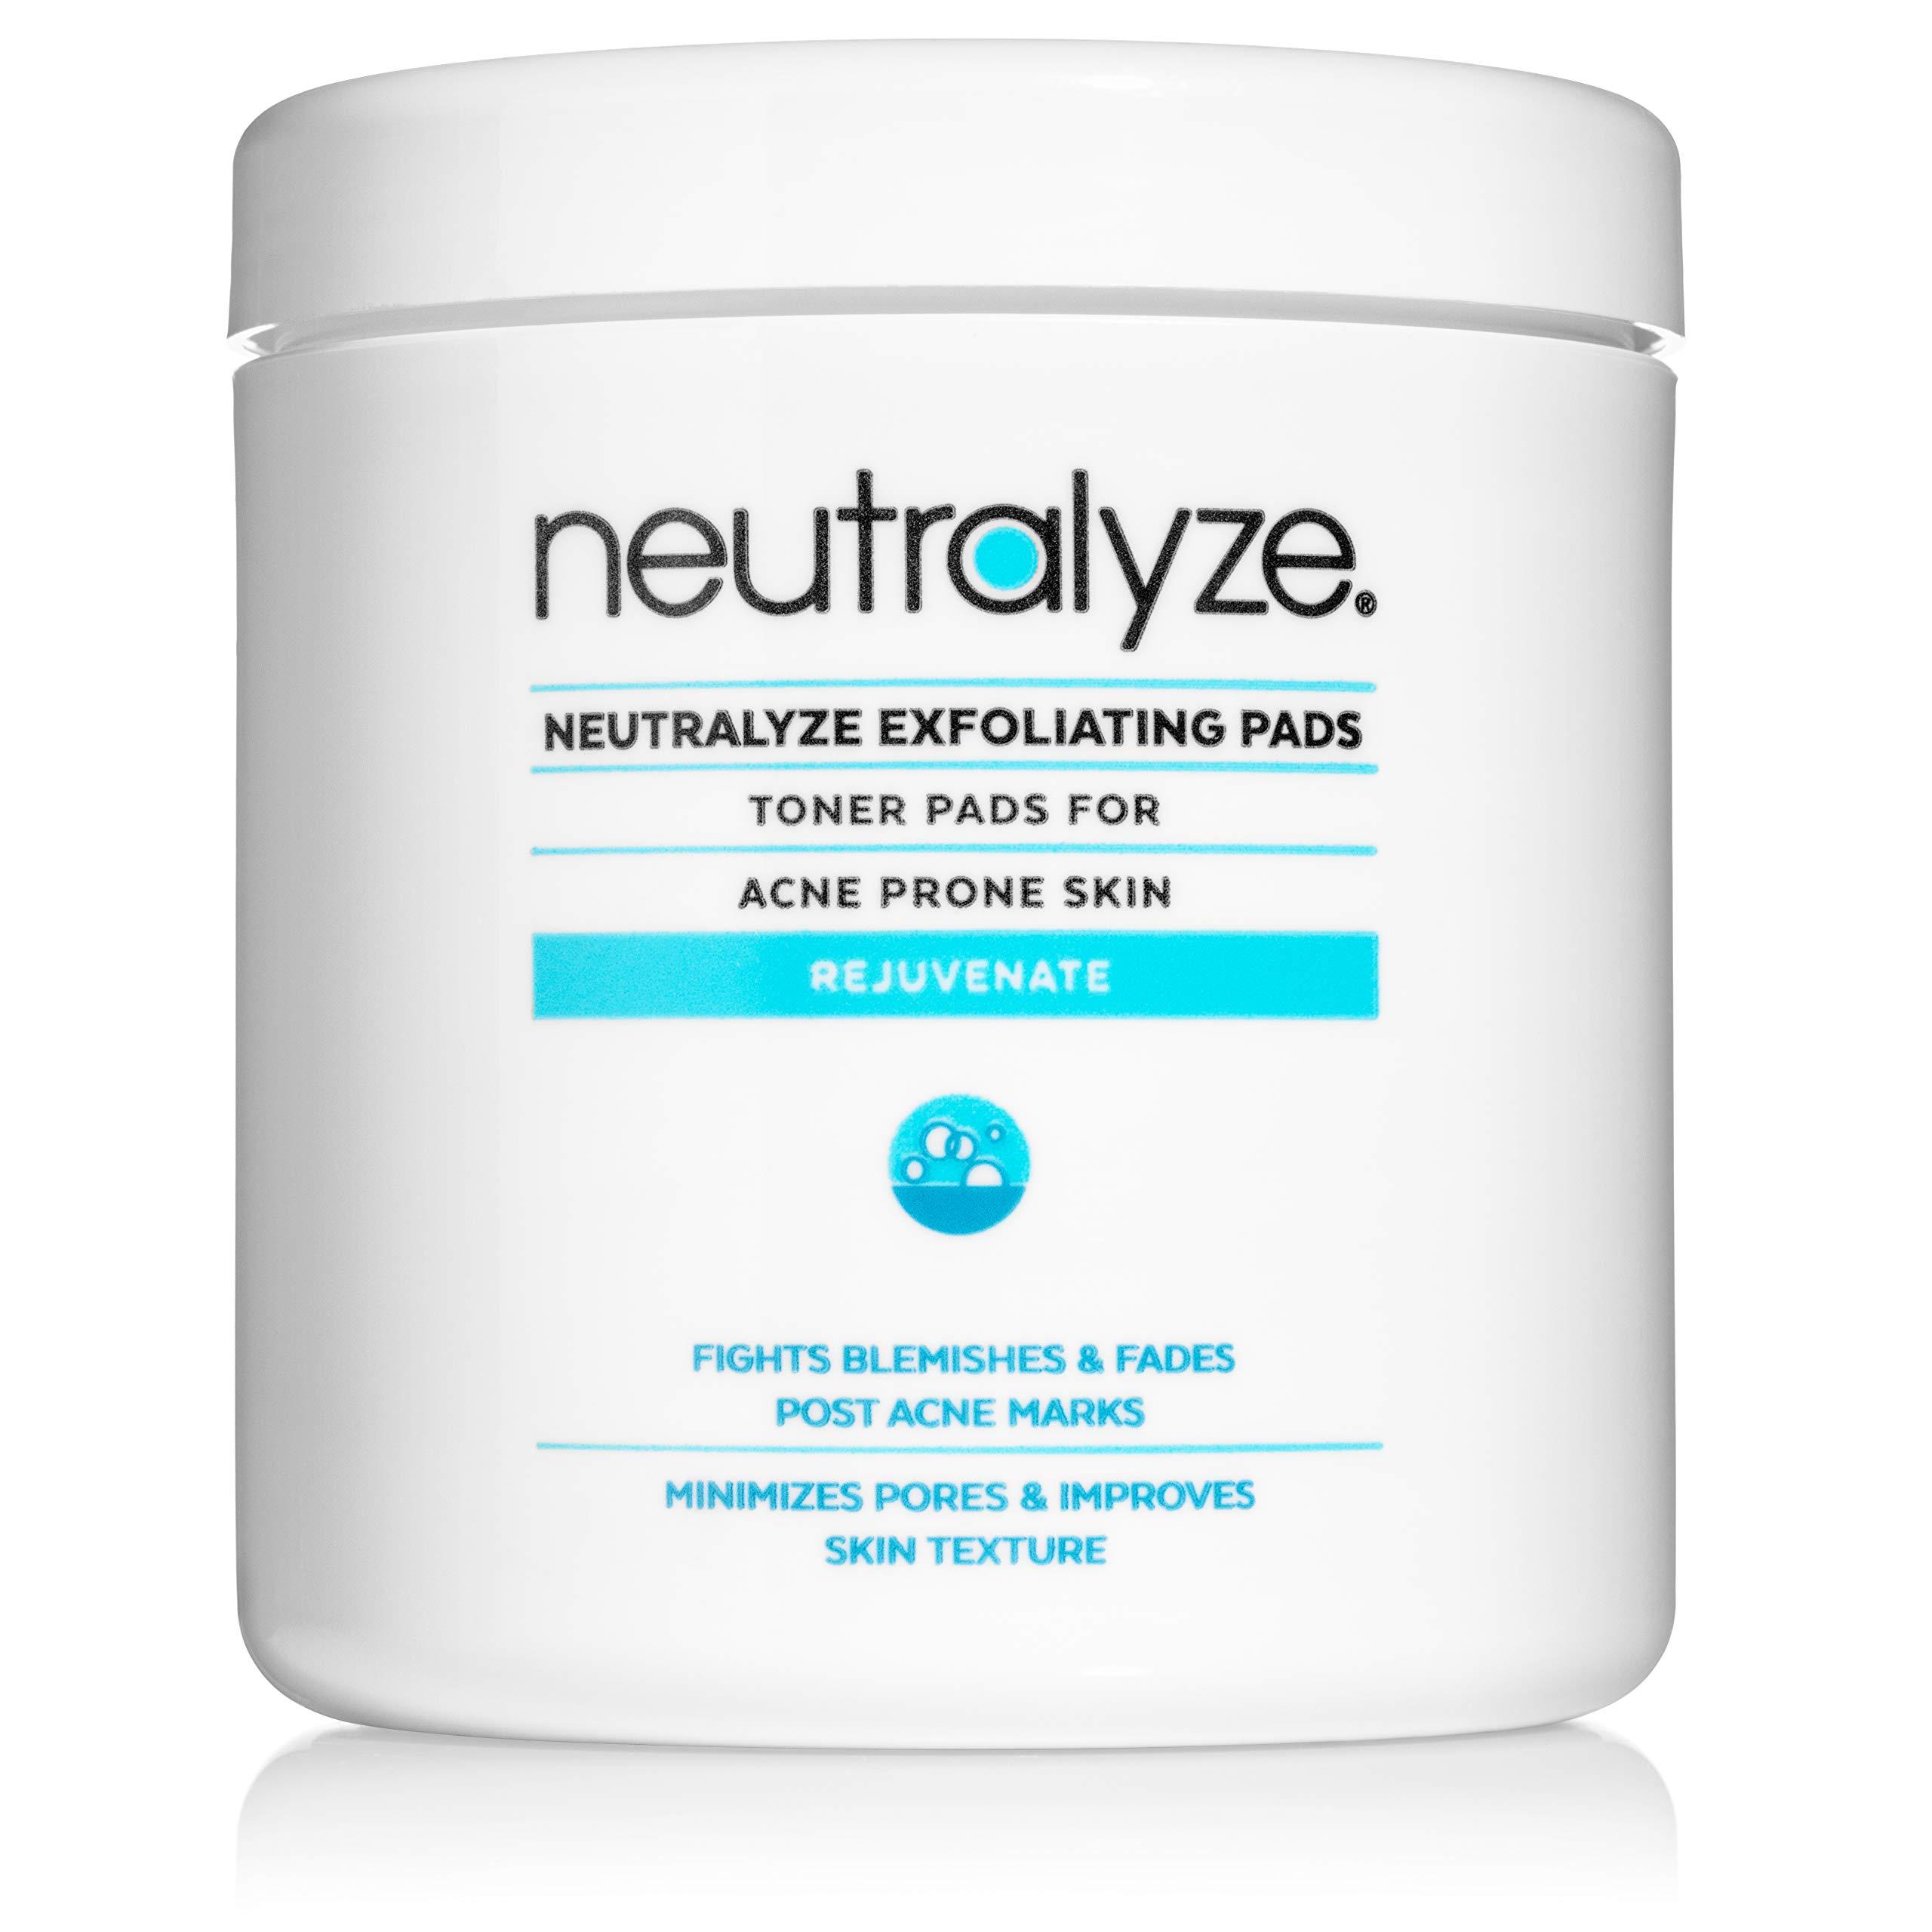 Neutralyze Exfoliating Pads (100 Pads) - Maximum Strength Acne Treatment Pads With 2% Salicylic Acid + 1% Mandelic Acid + Nitrogen Boost Skincare Technology by Neutralyze Anti-Acne Solution